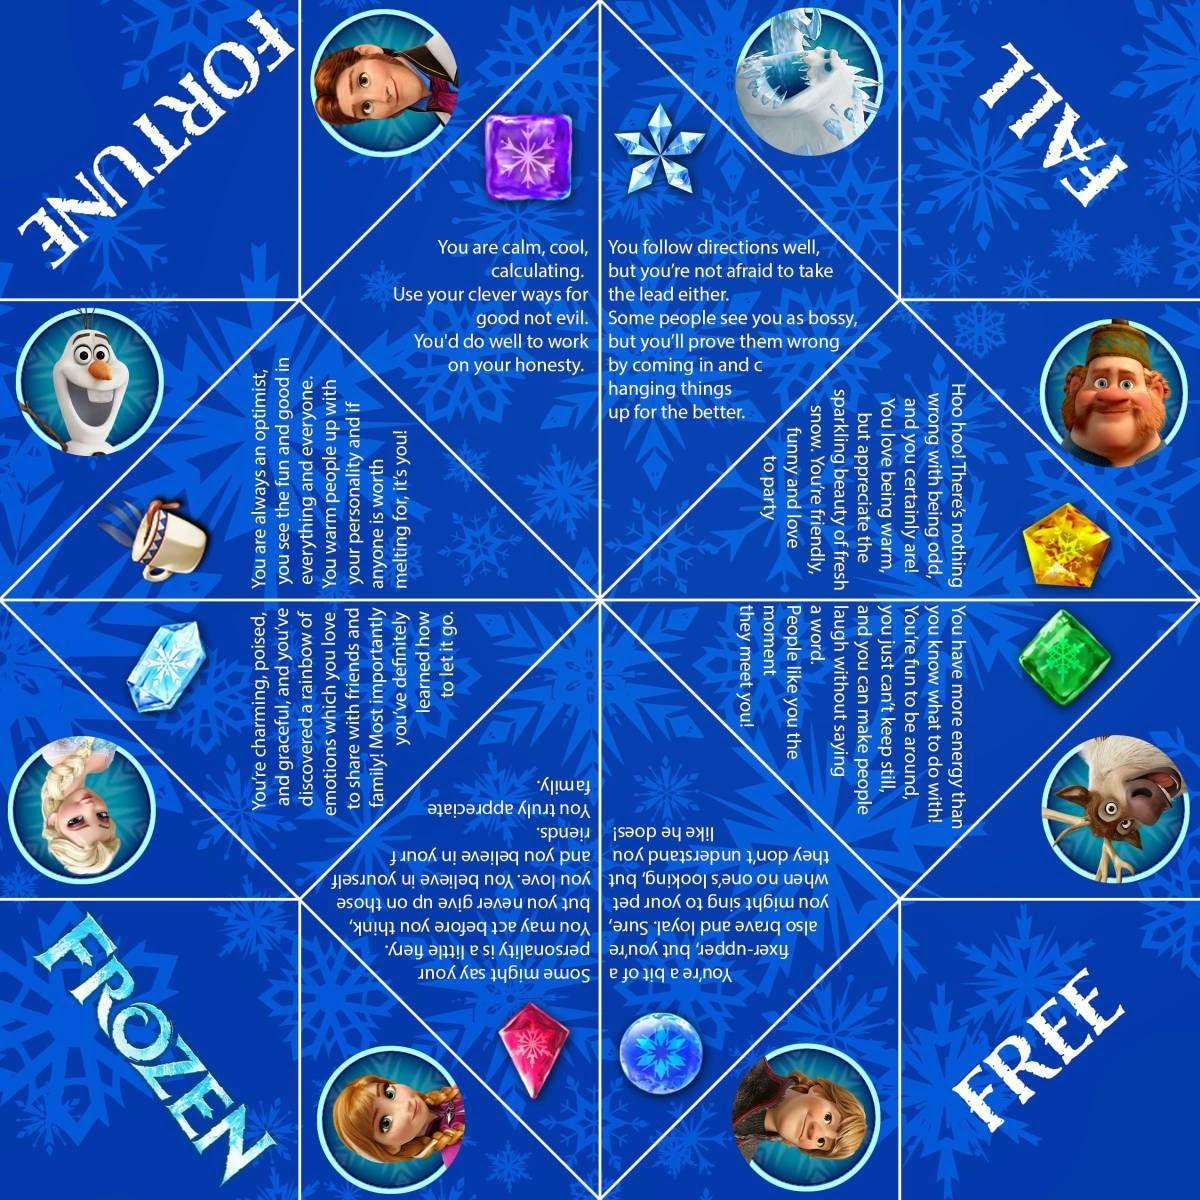 frozen juego de la fortuna para imprimir gratis oh my manualidades